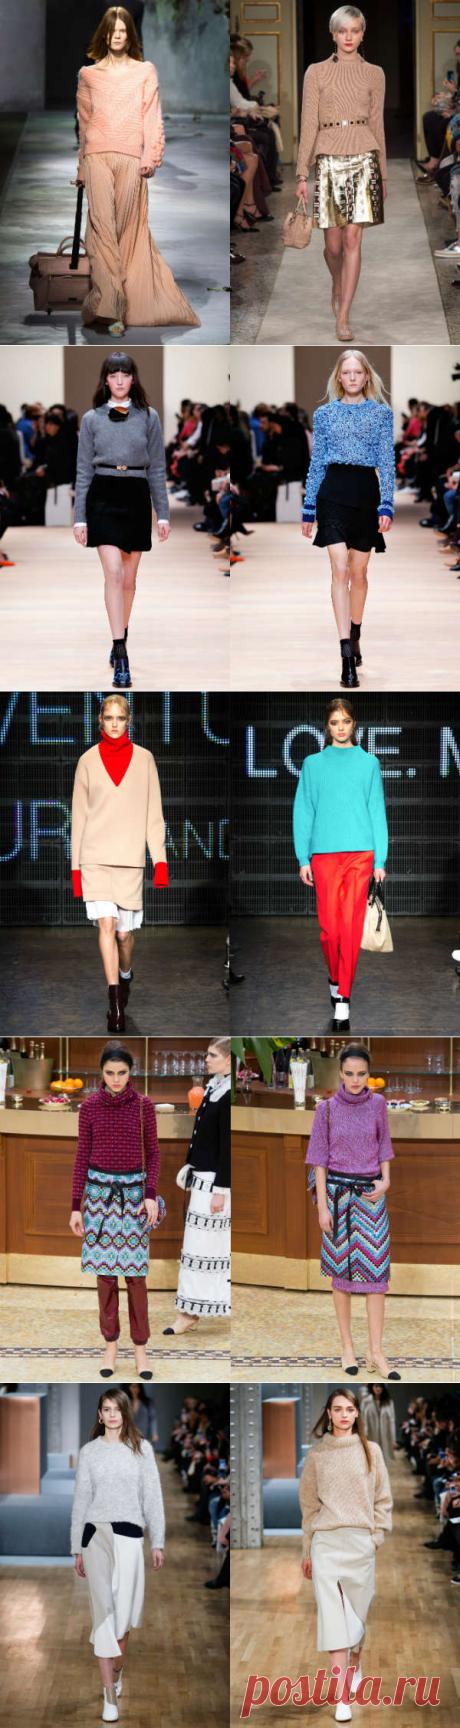 Модные вязаные свитера осень-зима 2015-2016: полный обзор - Ladiesvenue цвета